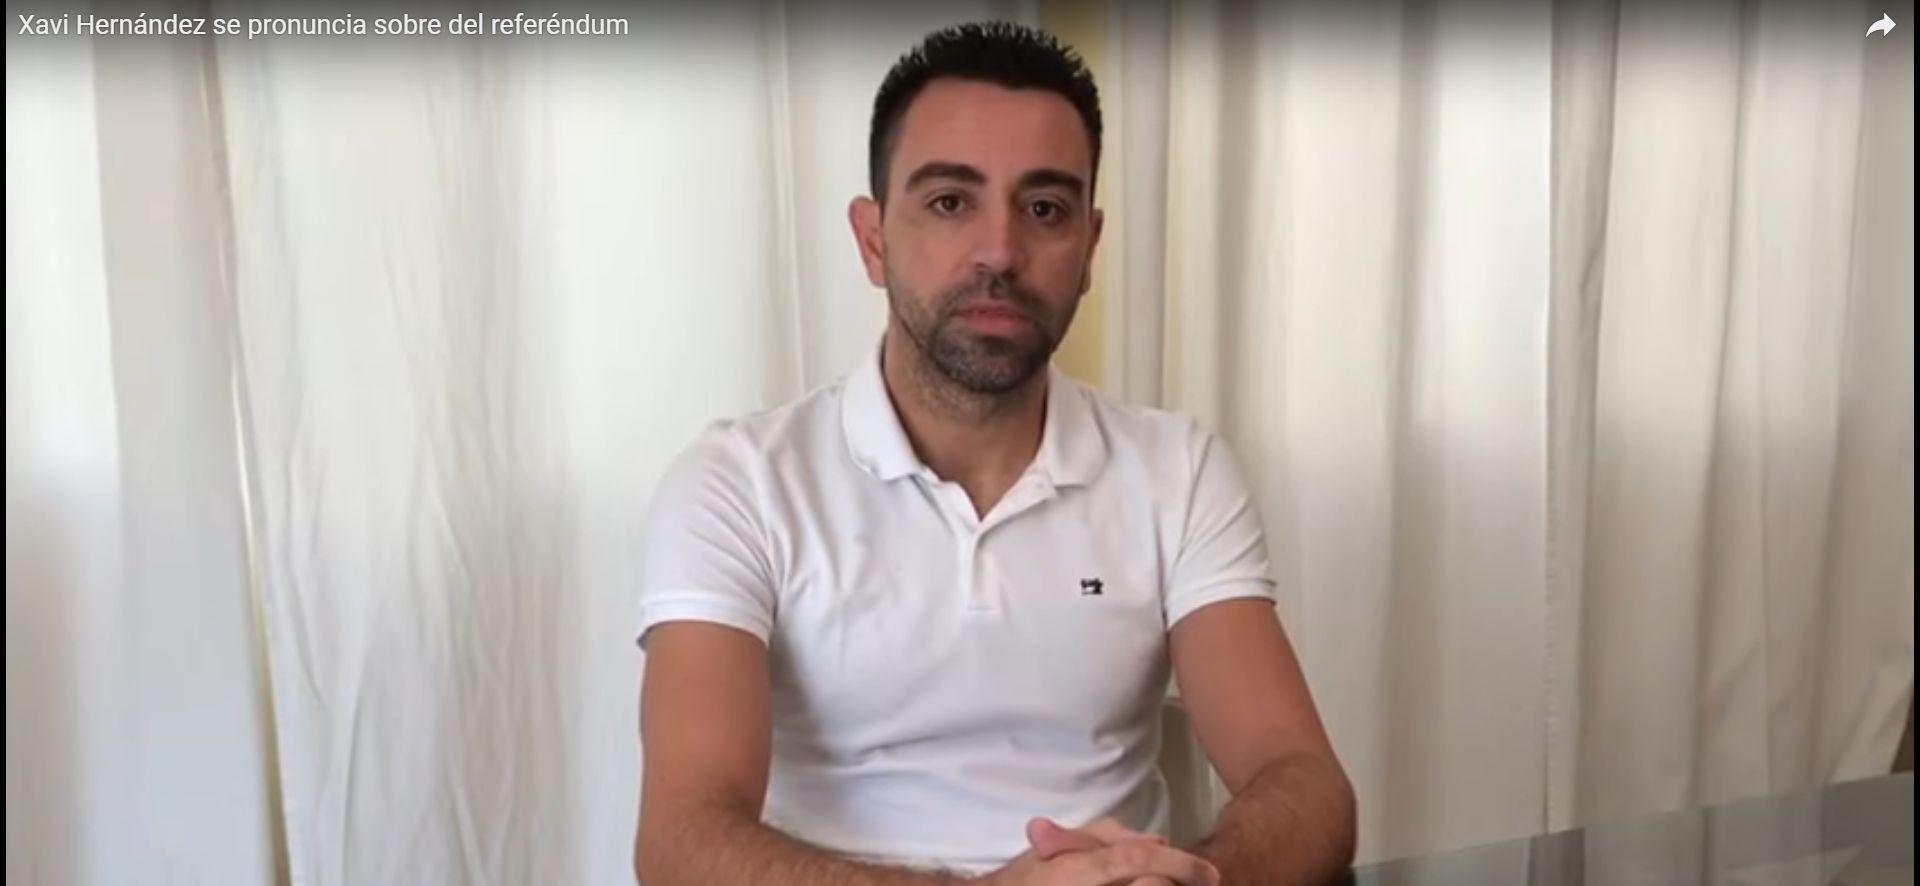 """LEGENDE BARCELONE PODRŽALE REFERENDUM """"Ono što se događa danas u Kataloniji je sramota"""""""